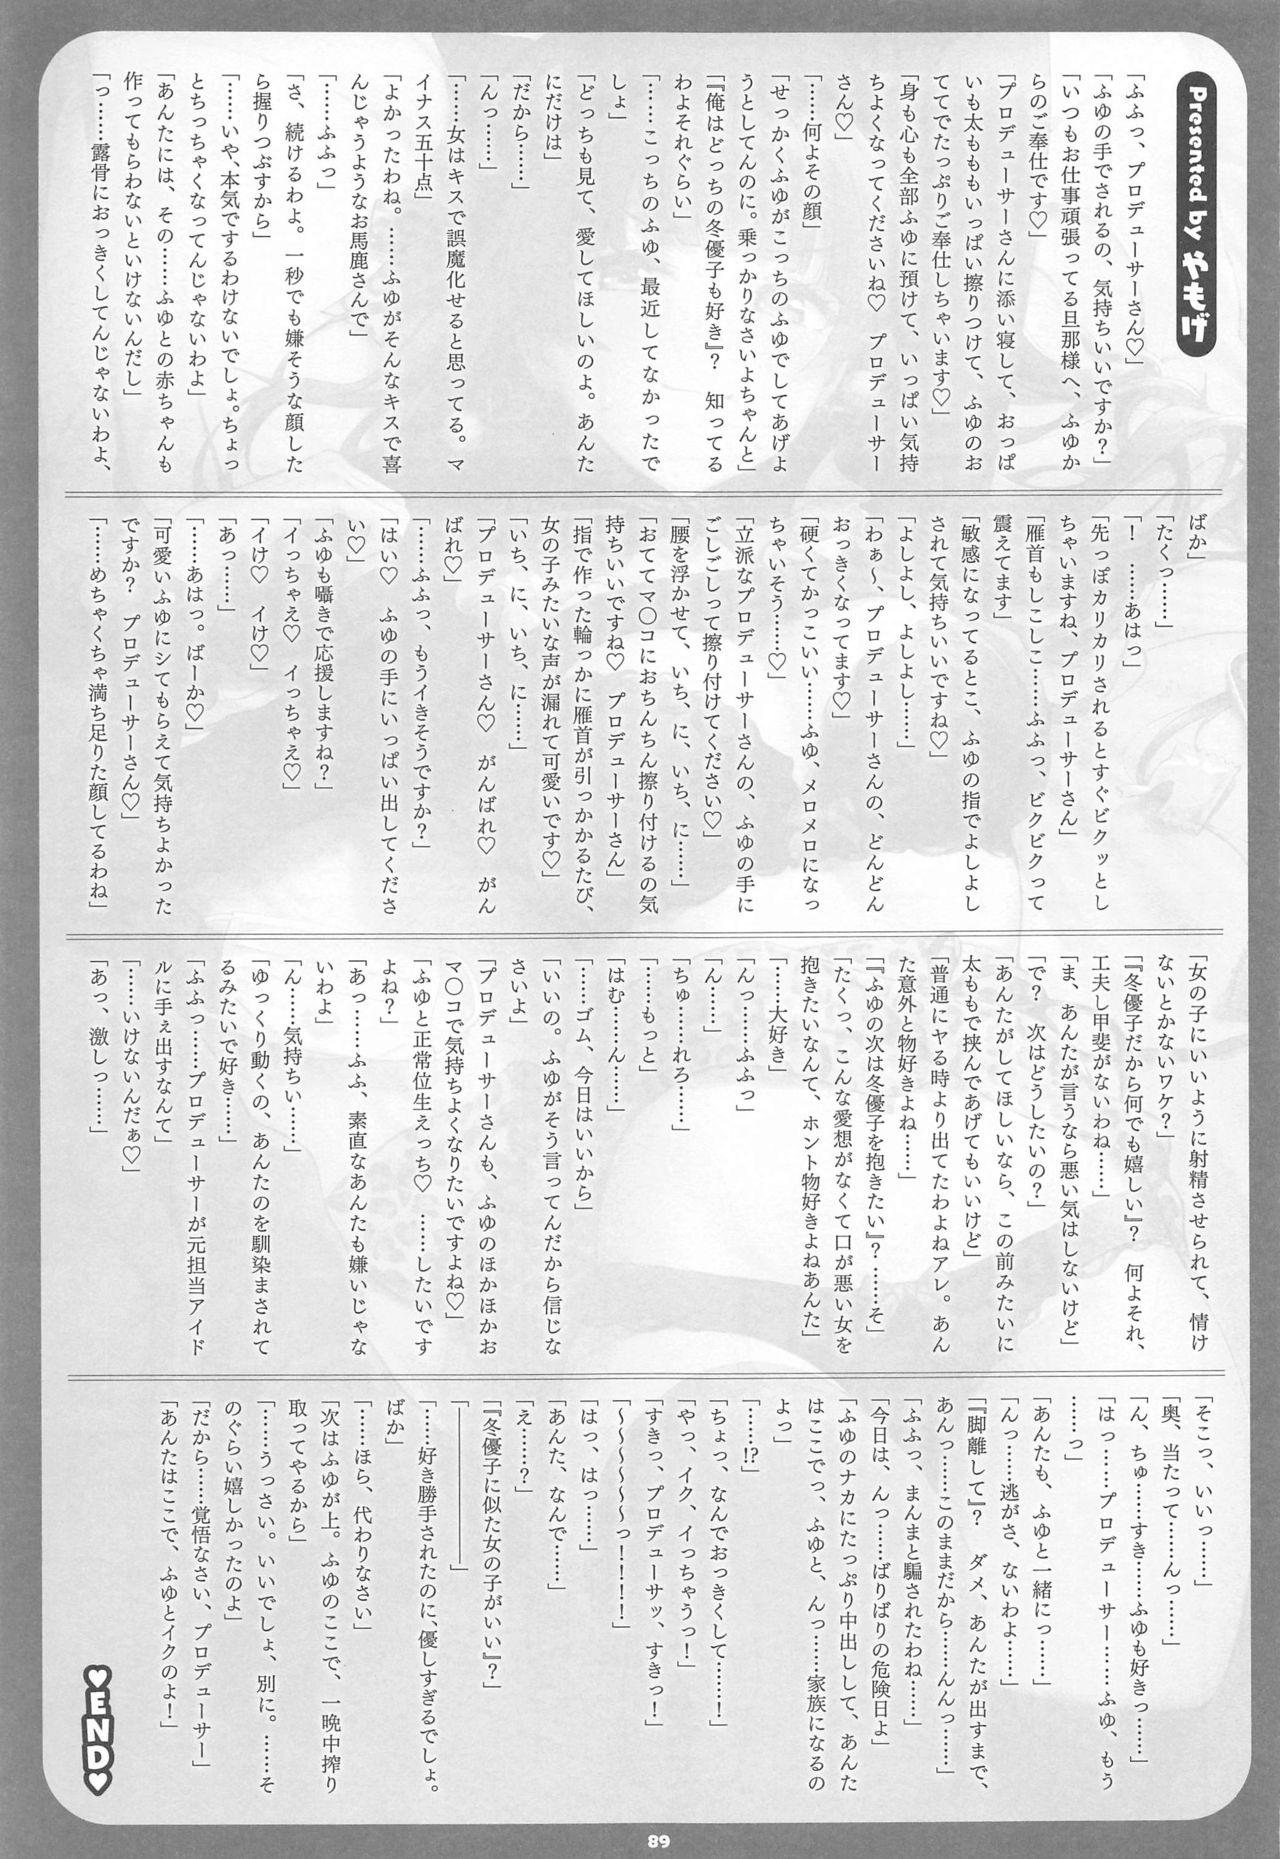 Anta wa Koko de Fuyu to Iku no yo 89